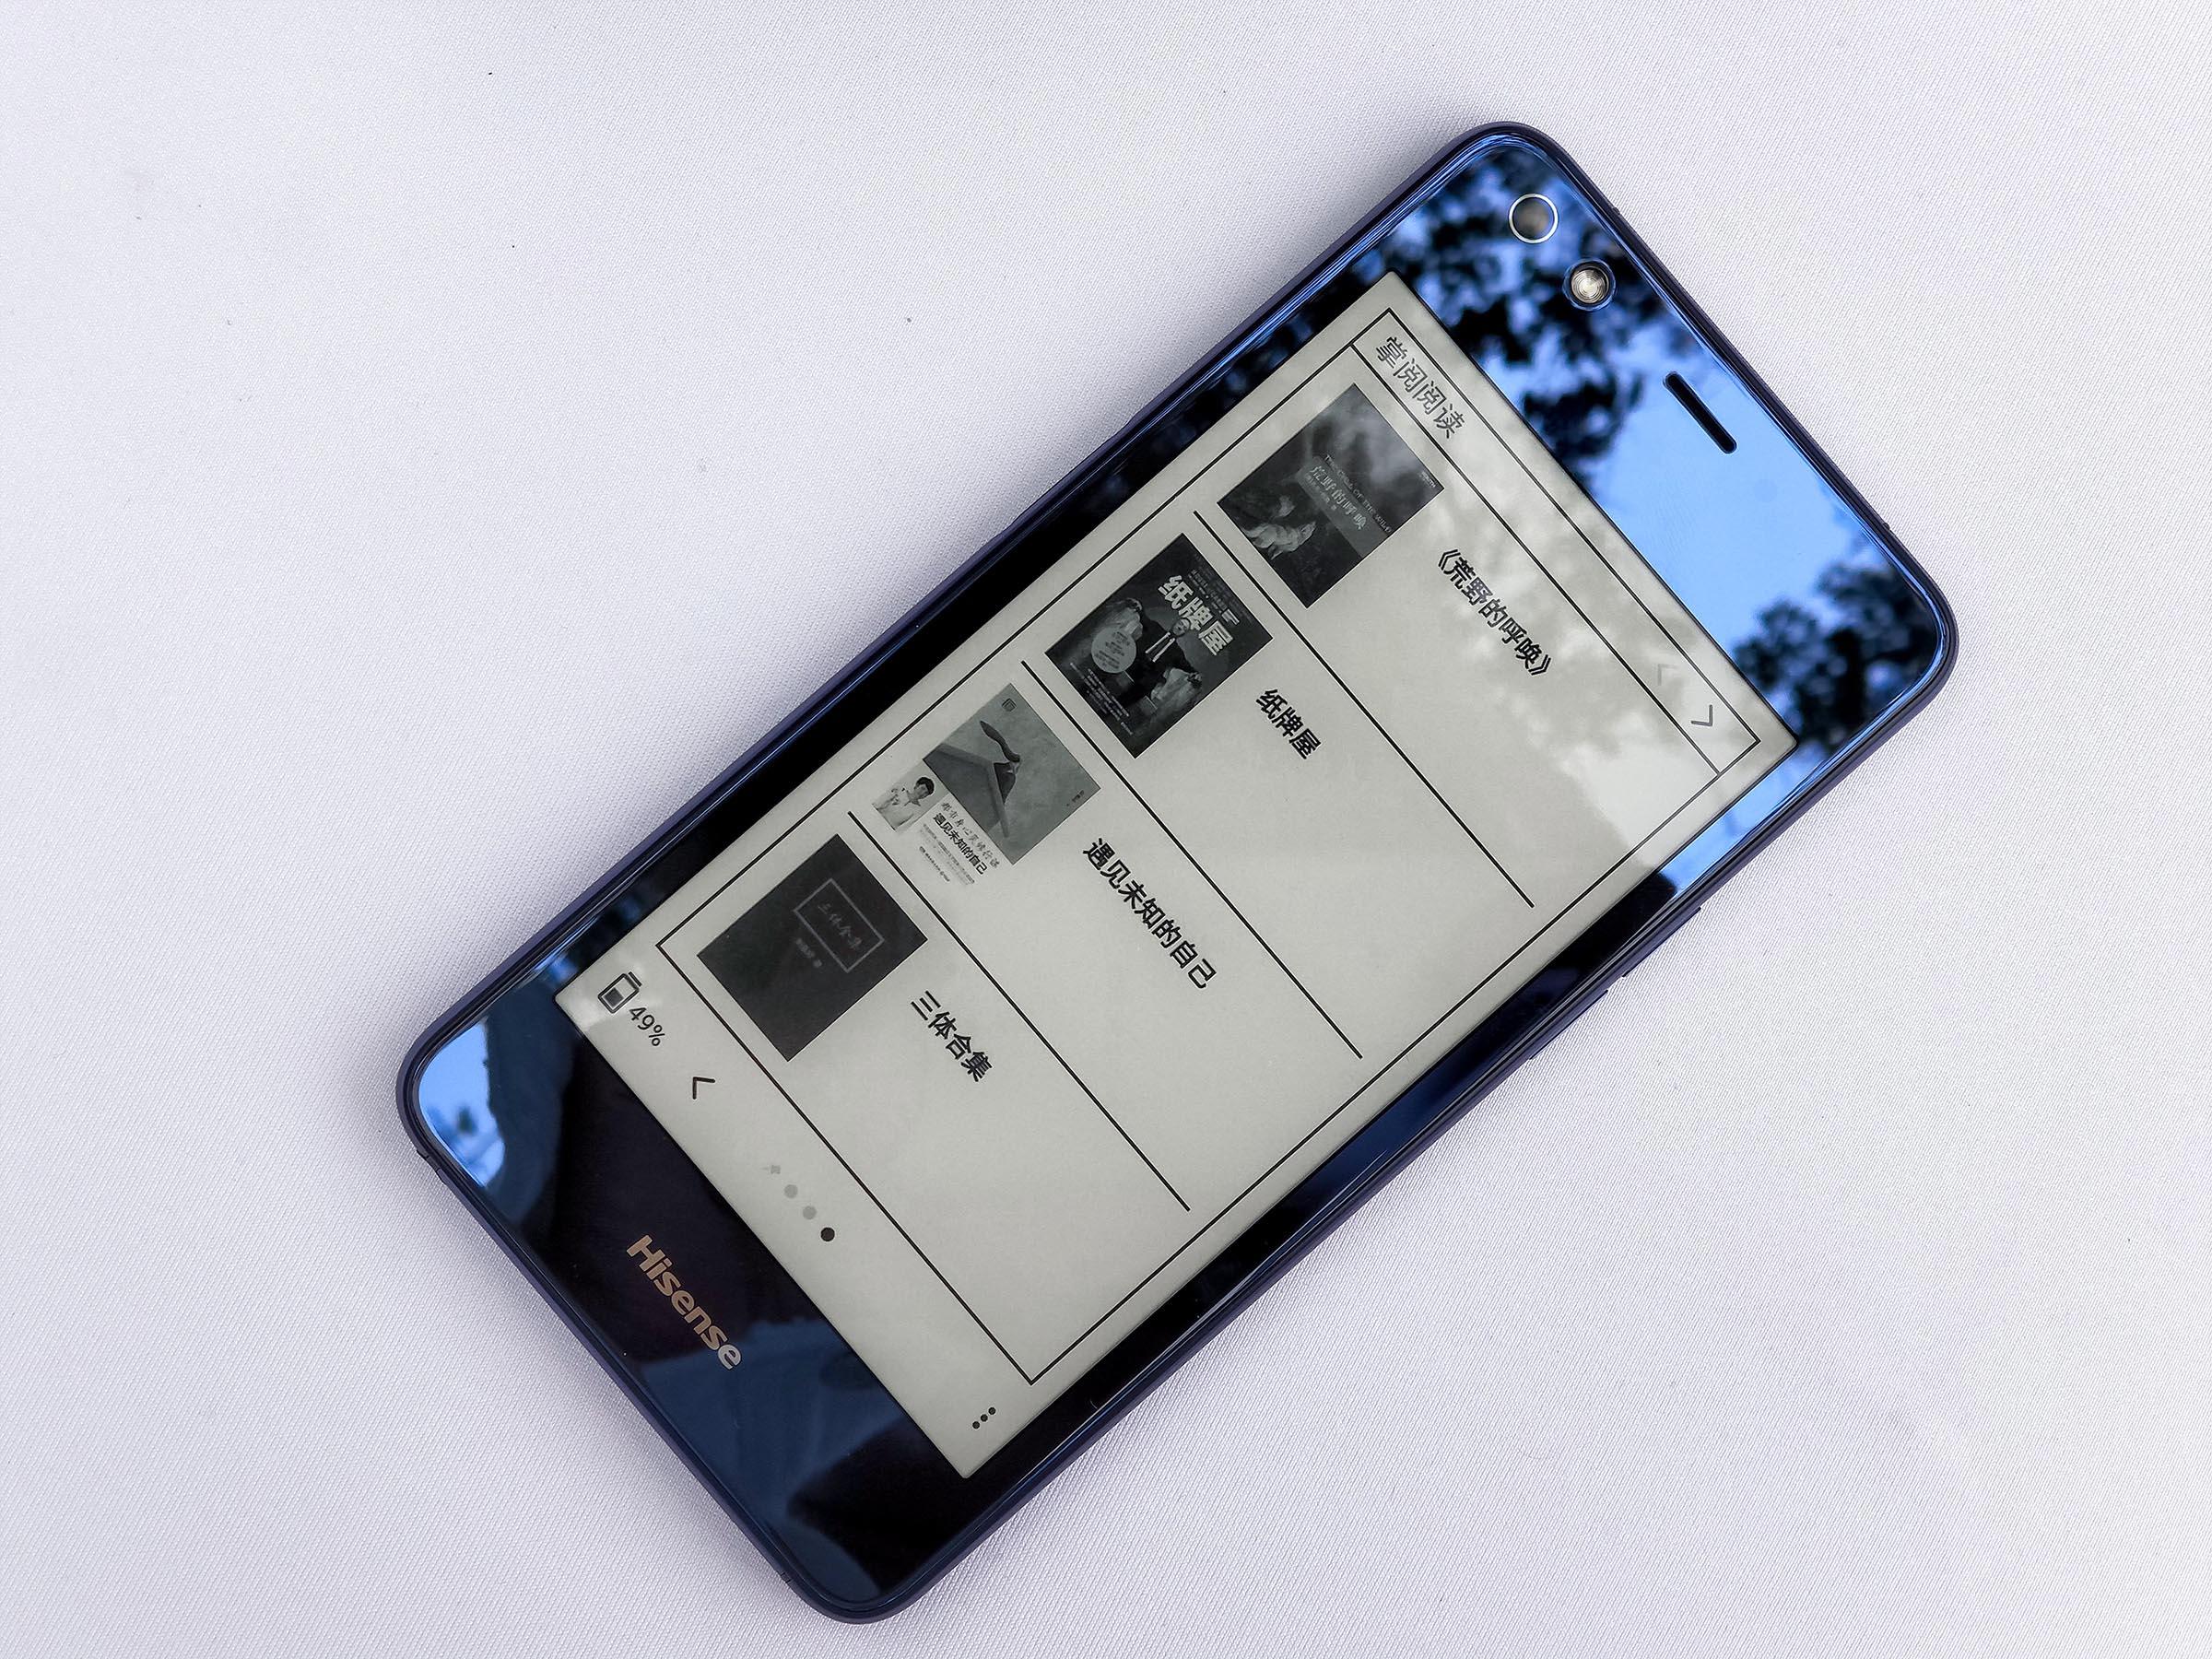 外观方面,海信A2 Pro机身正面是一块5.5英寸FHD炫彩AMOLED屏,分辨率为1080P,机身背面是一块5.2英寸墨水屏。机身中间采用金属中框,指纹识别按键放在了机身侧面,有黑色、蓝色两种配色可选。 拍照方面,海信A2 PRO配备了1600万像素自拍摄像头和1200万像素摄像头,后置摄像头采用了索尼IMX386传感器,光圈为F2.